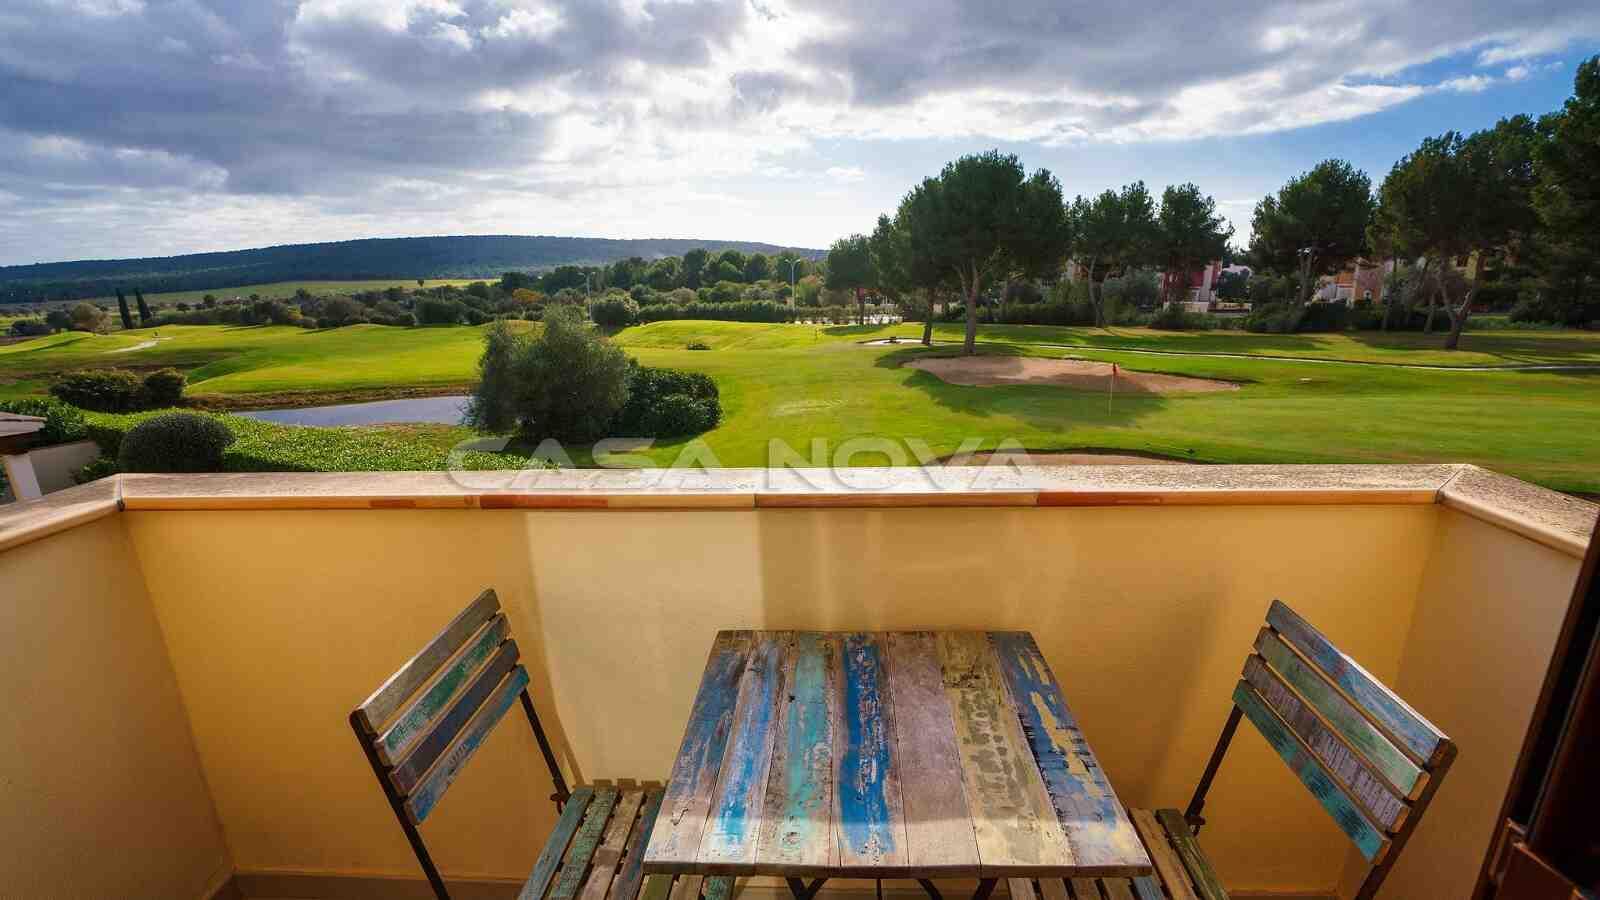 Ref. 2303031 - Idyllische Terrasse mit Blick auf den Golfplatz